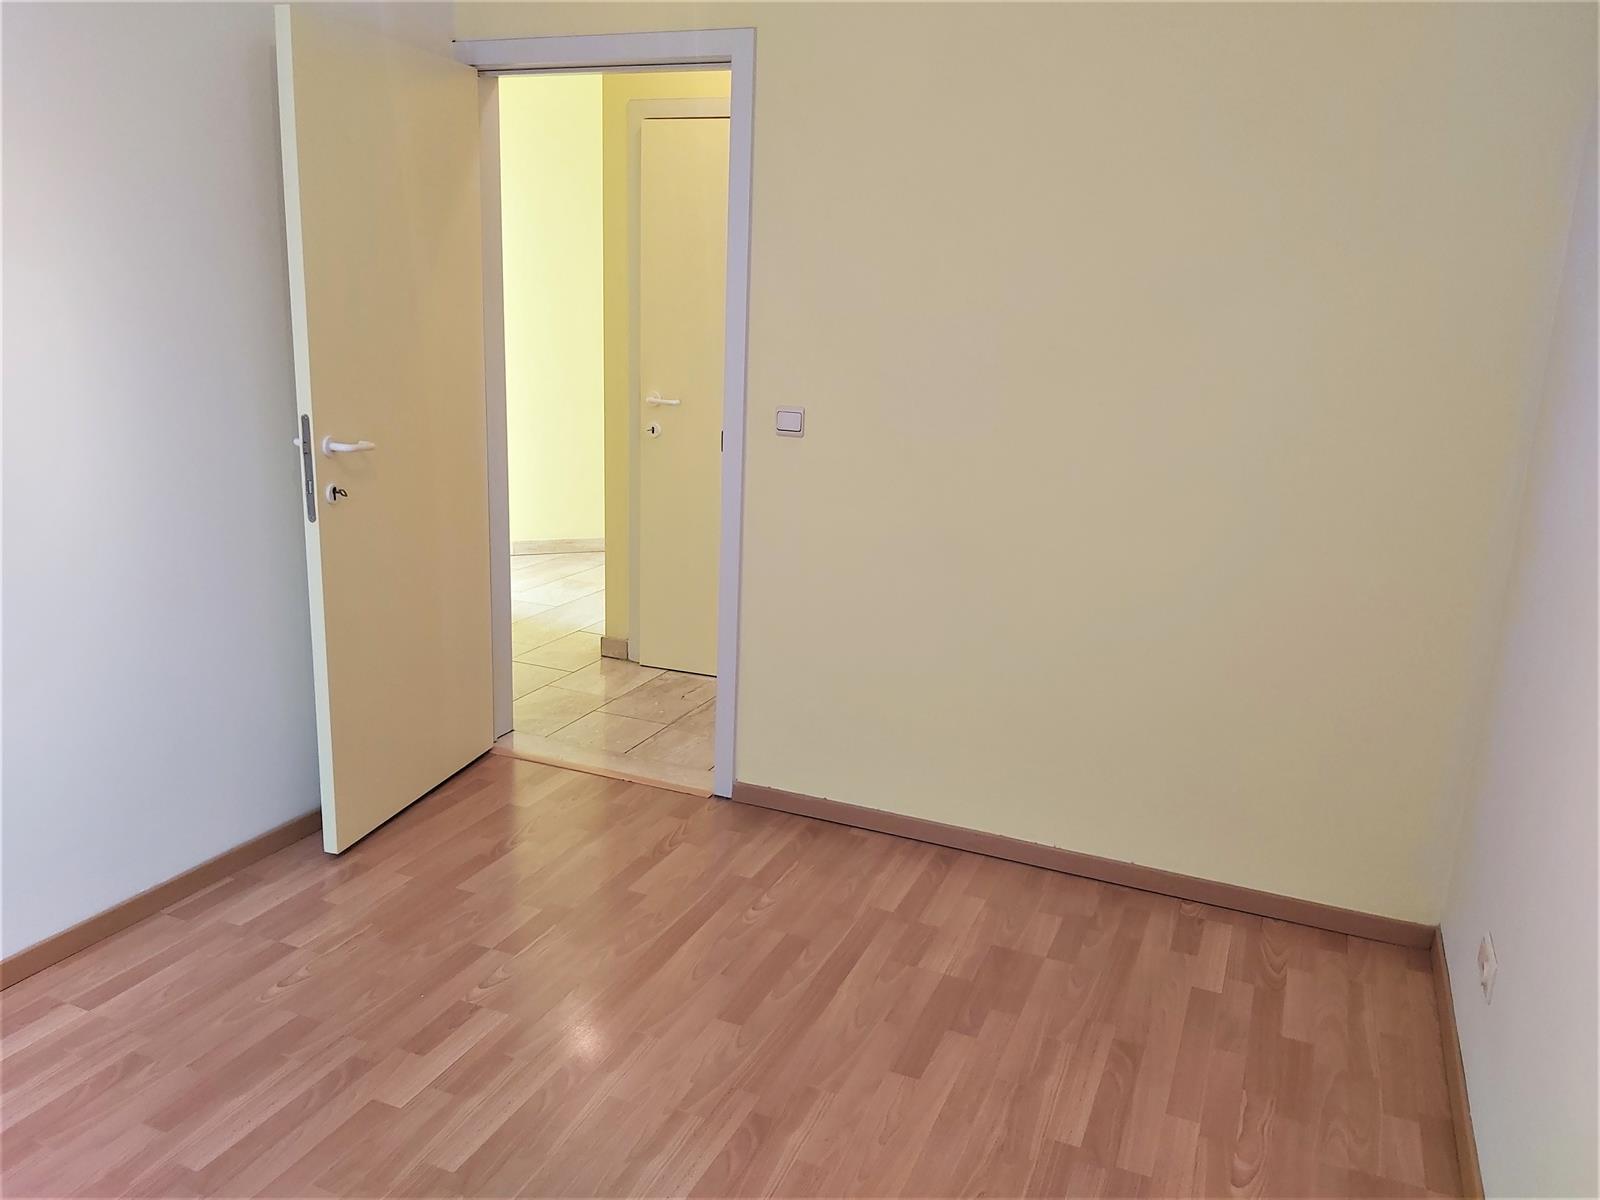 Appartement - Ottignies-Louvain-la-Neuve - #4498228-9